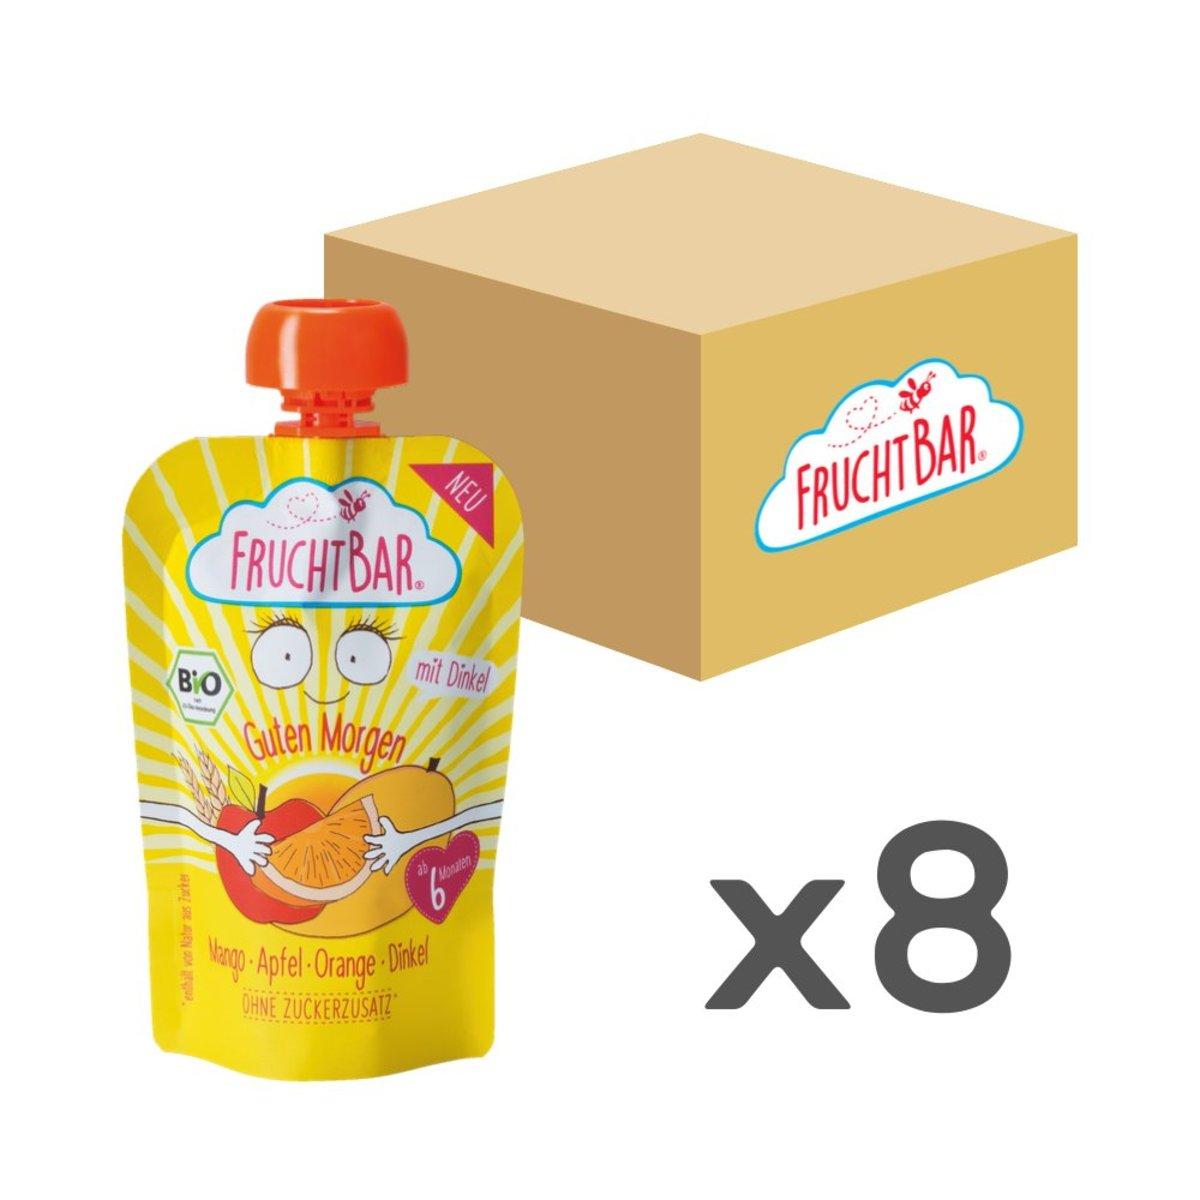 [原箱] 有機穀物果蓉 - 芒果蘋果斯佩特小麥 100g x8